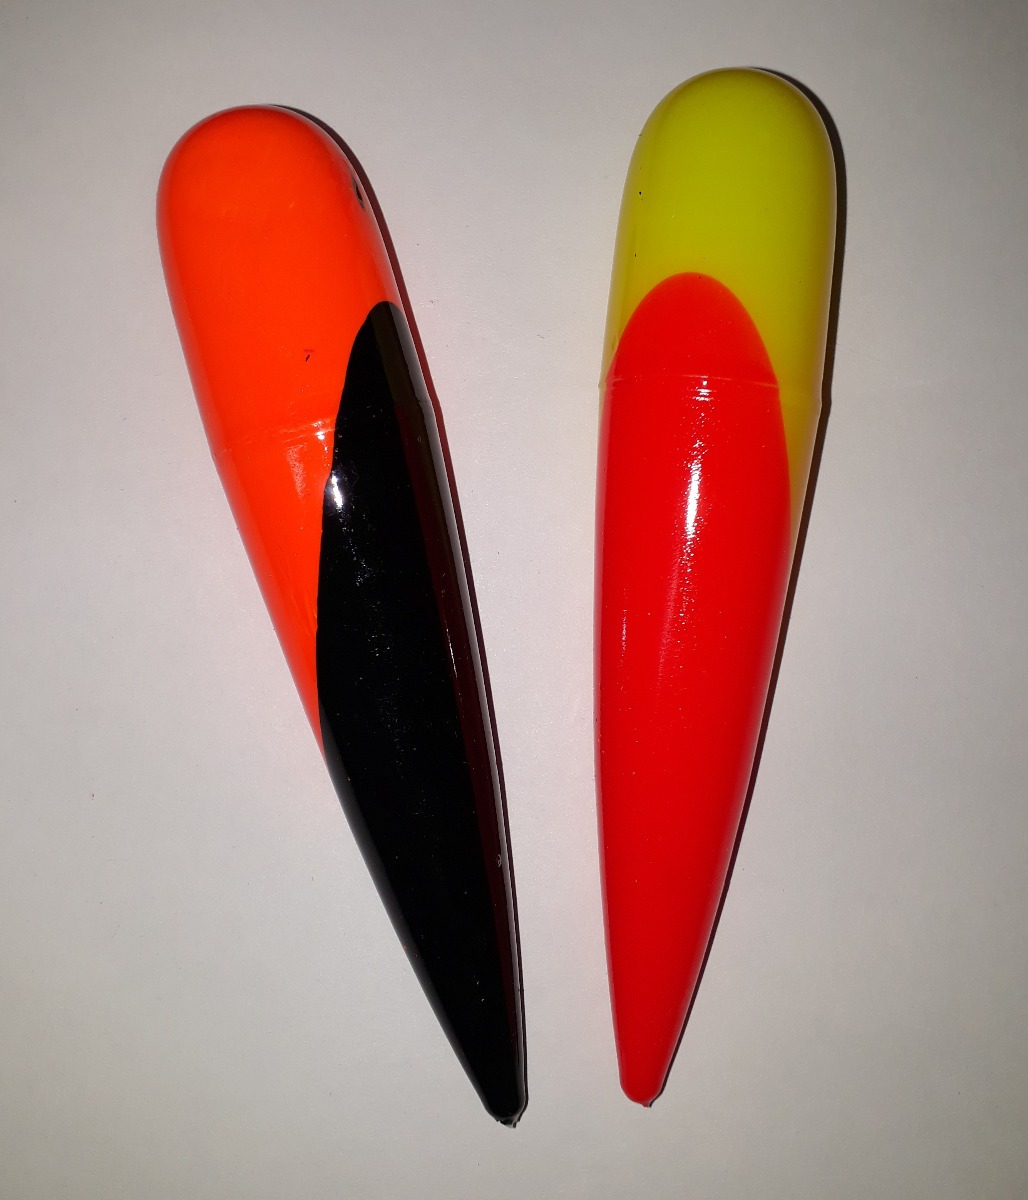 Boya Zanahoria Paraf M3500 N2 10x2 Plast X1u Laqueadaccolor 50